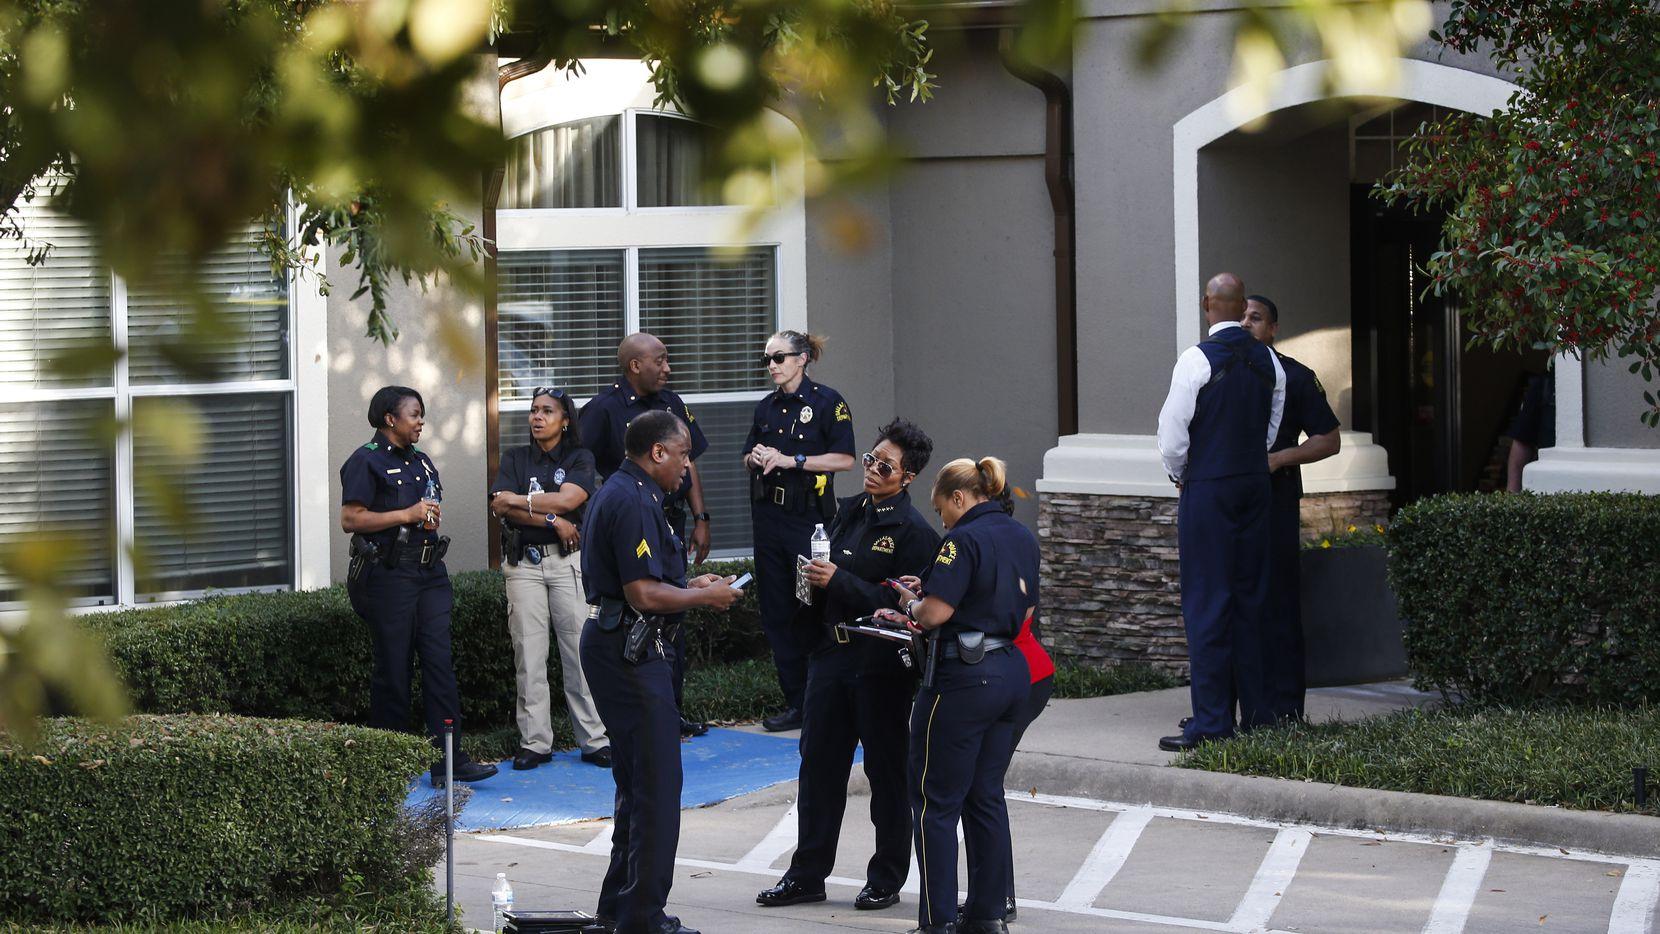 Policía investiga la muerte de cuatro personas, incluidos dos niños, que aparecieron sin vida en un cuarto del hotel Staybridge Suites cerca de Keller Springs Road y Dallas North Tollway.